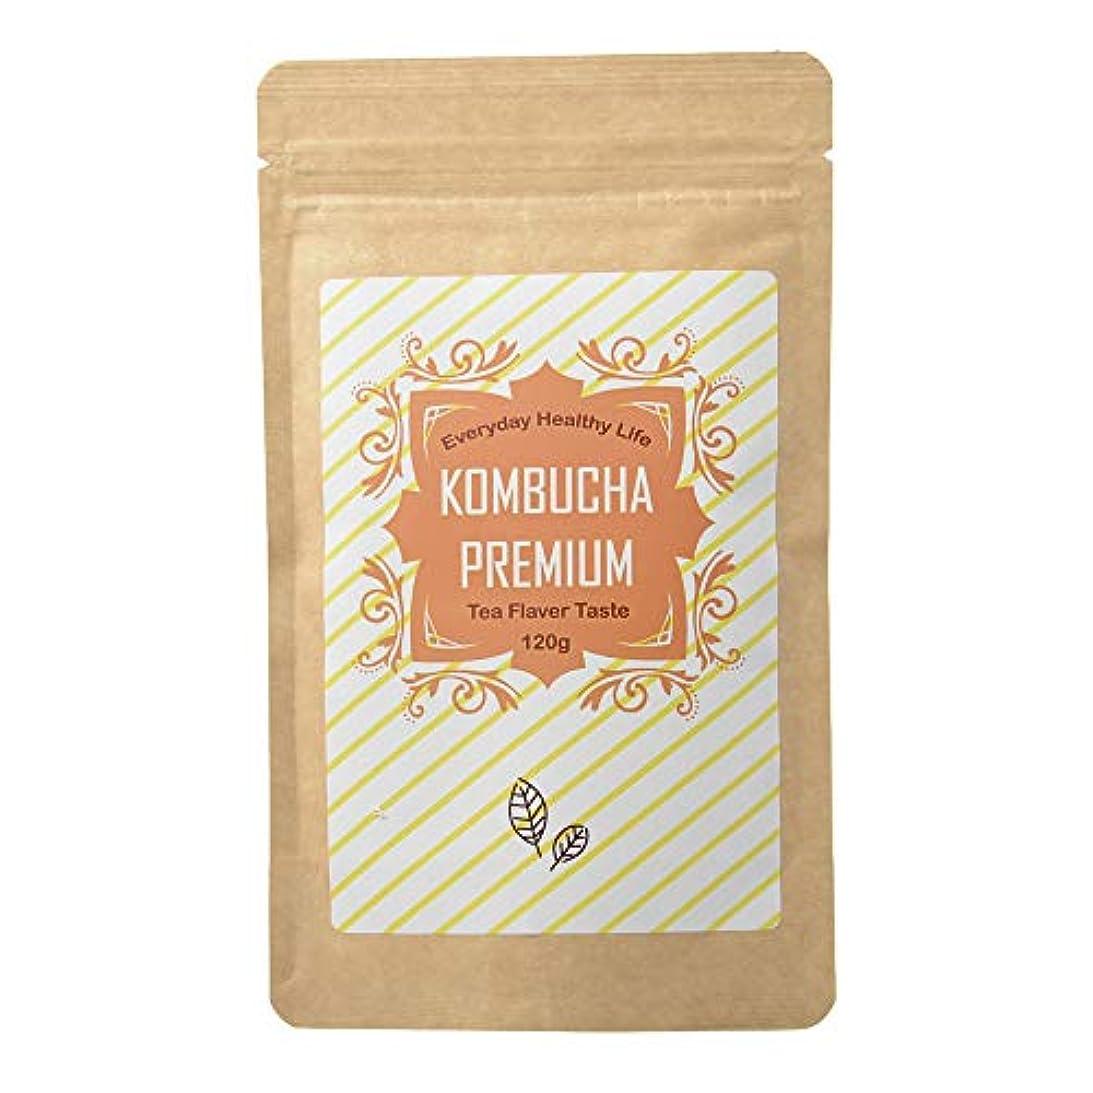 チャンピオンシップ言う結果コンブチャプレミアム (KOMBUCHA PREMIUM) ストレートティー味 日本製 粉末 飲料 [内容量120g /説明書付き]